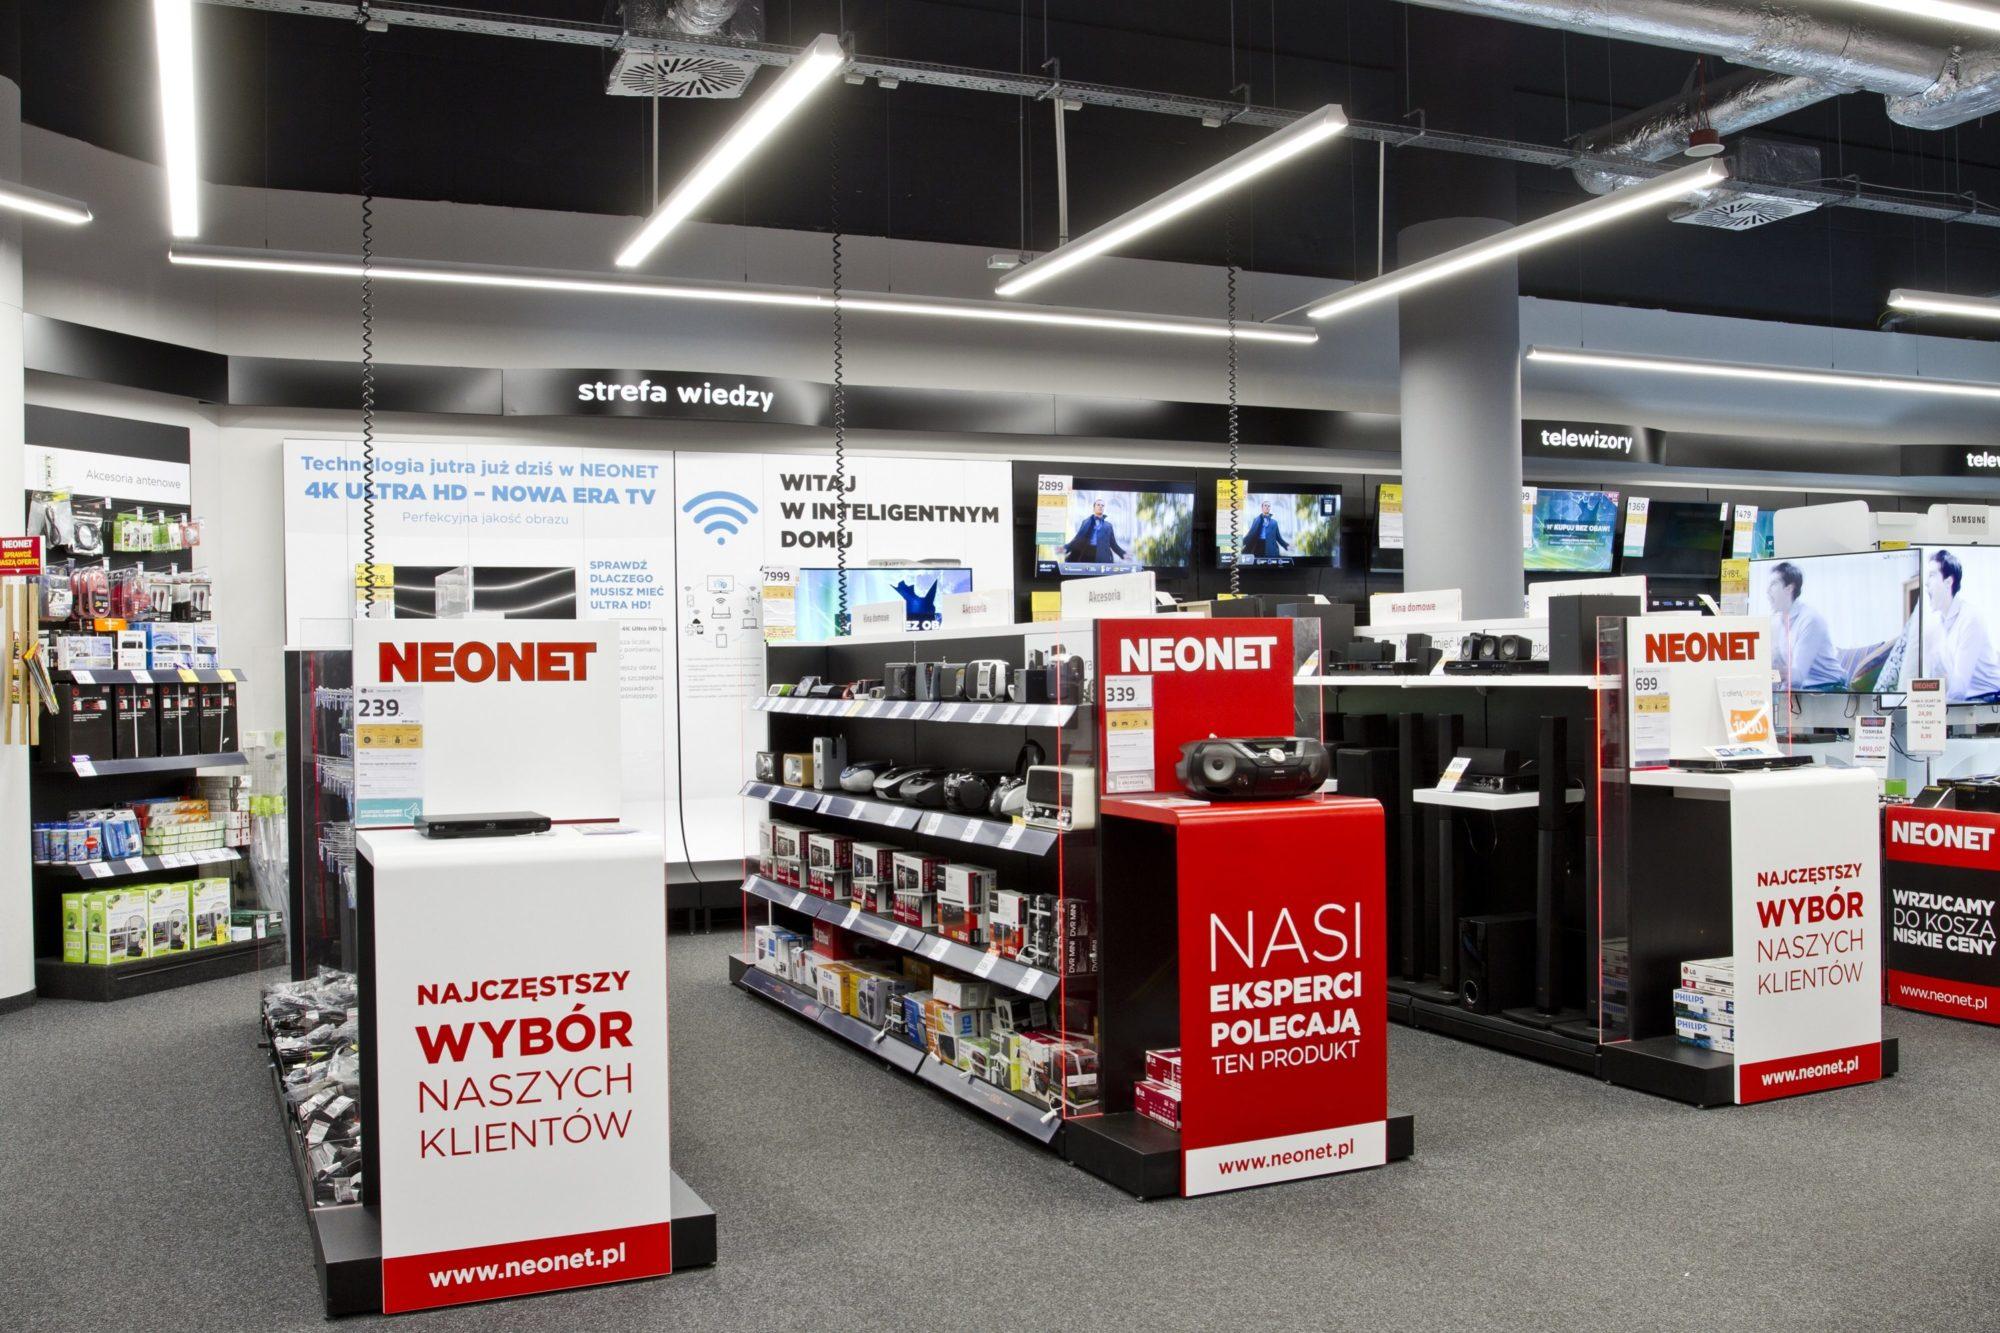 część sprzOprawy handlowe Lumline w Neonecie - Luxon LEDedażowa sklepu Neonet